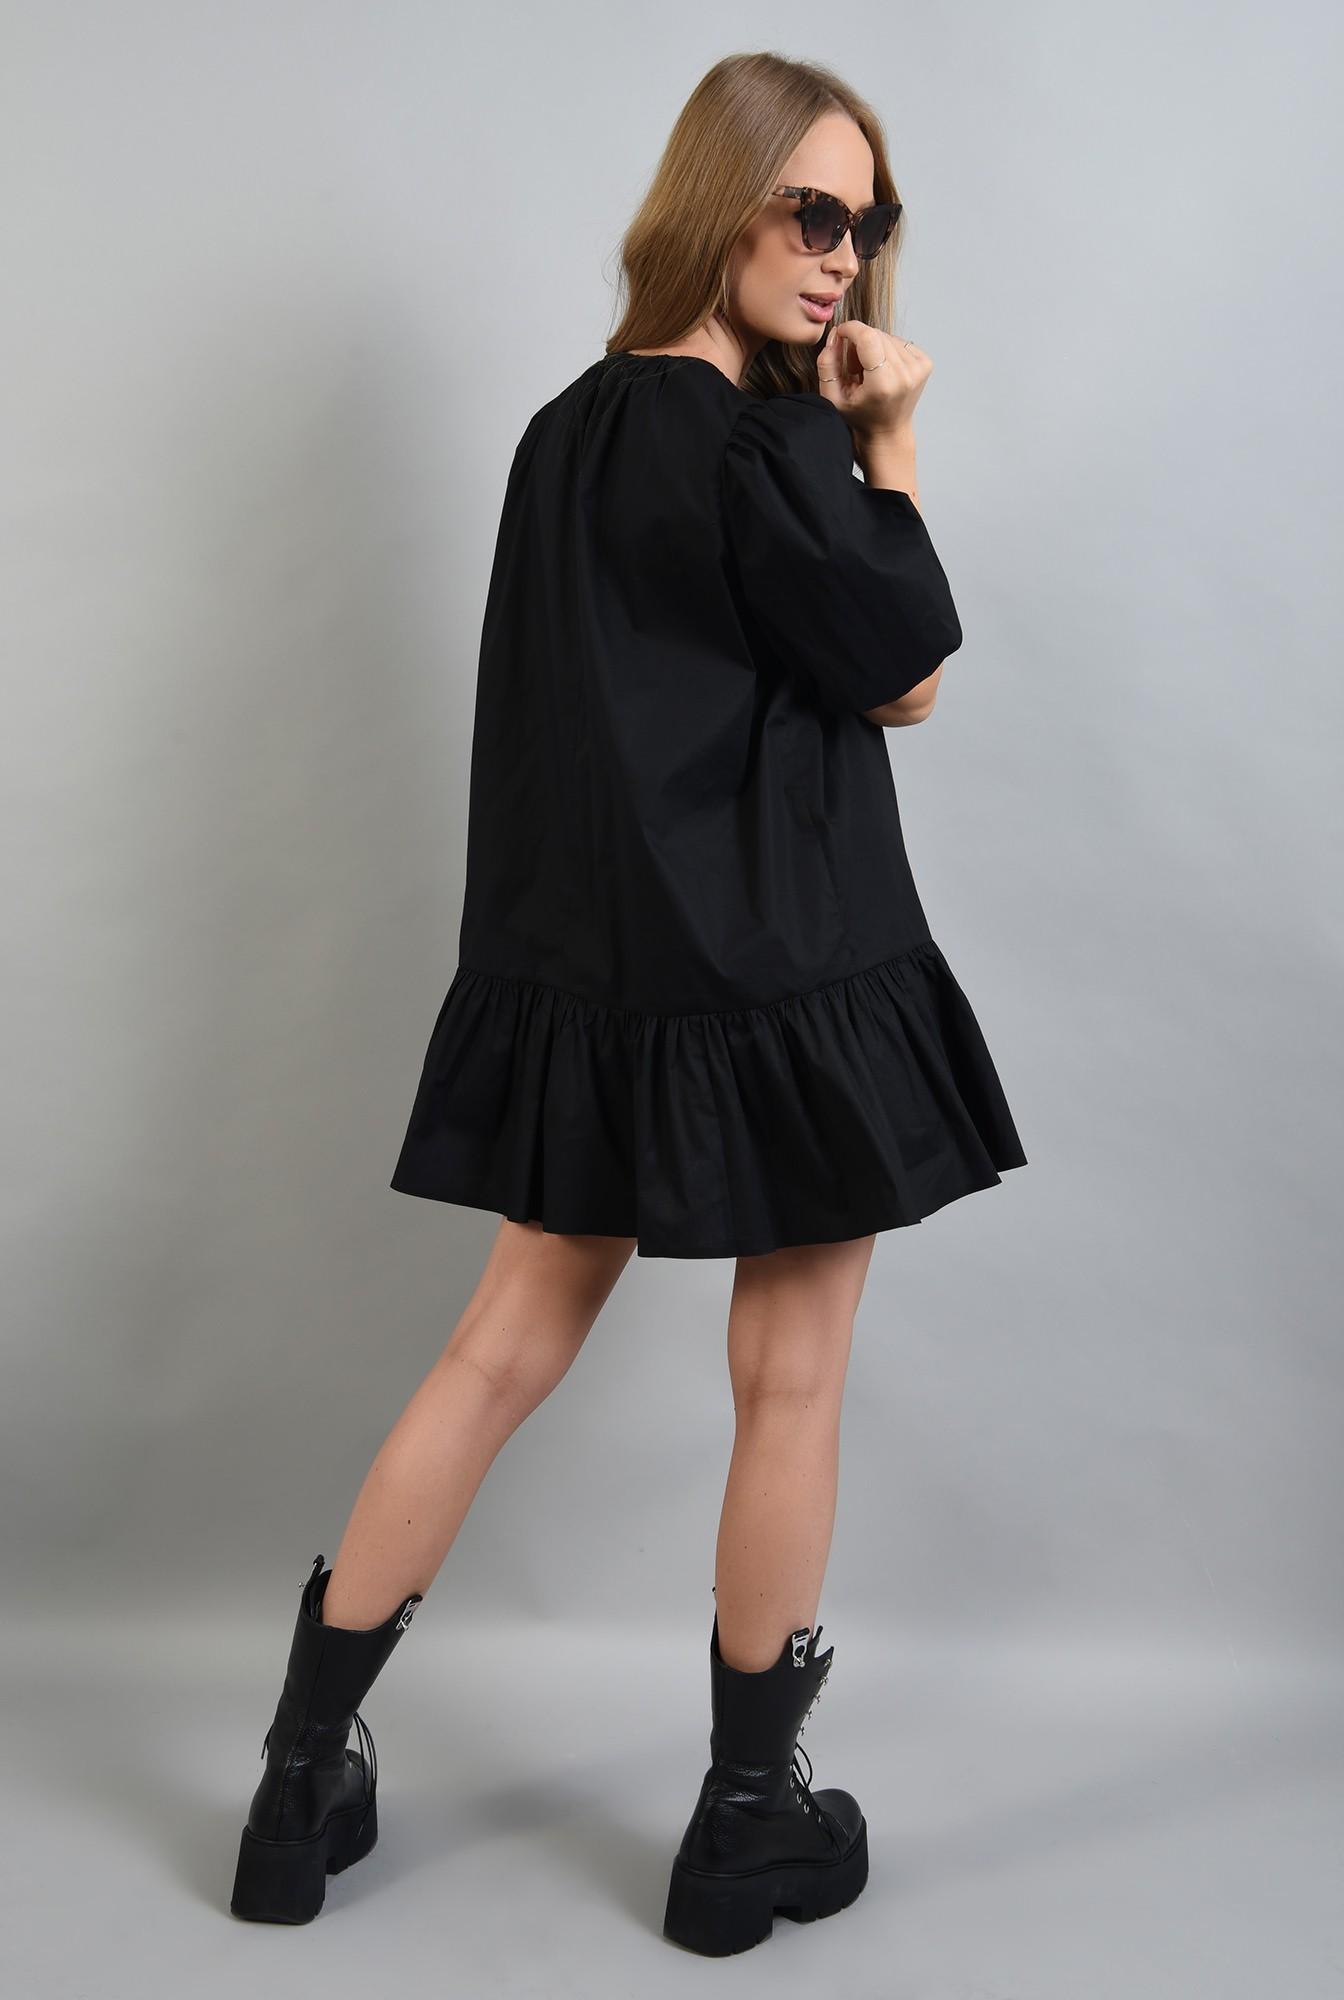 1 - 360 - rochie neagra, cu maneci bufante si volan, Poema